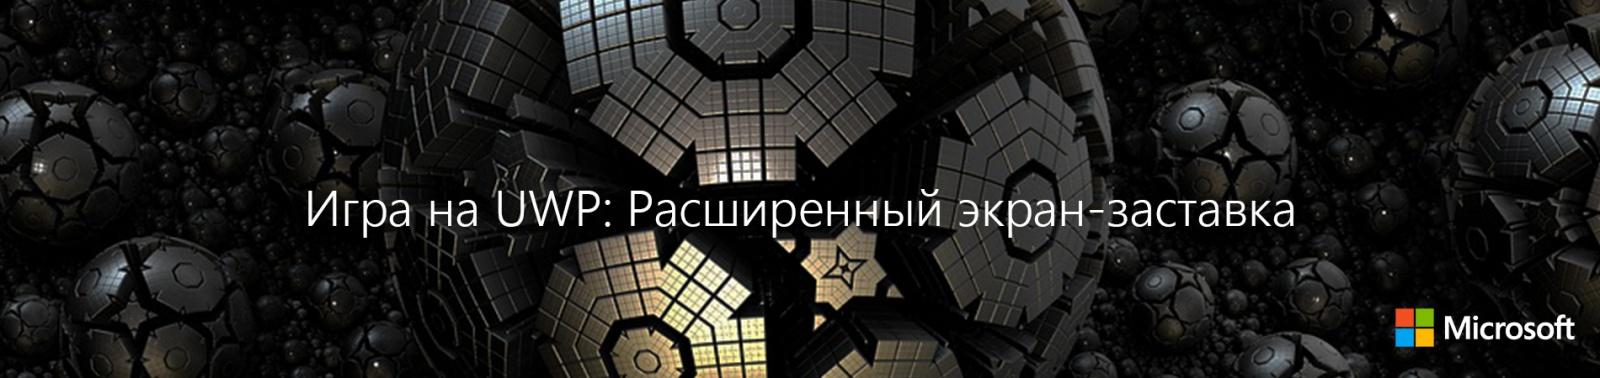 Игра на UWP: расширенный экран-заставка - 1